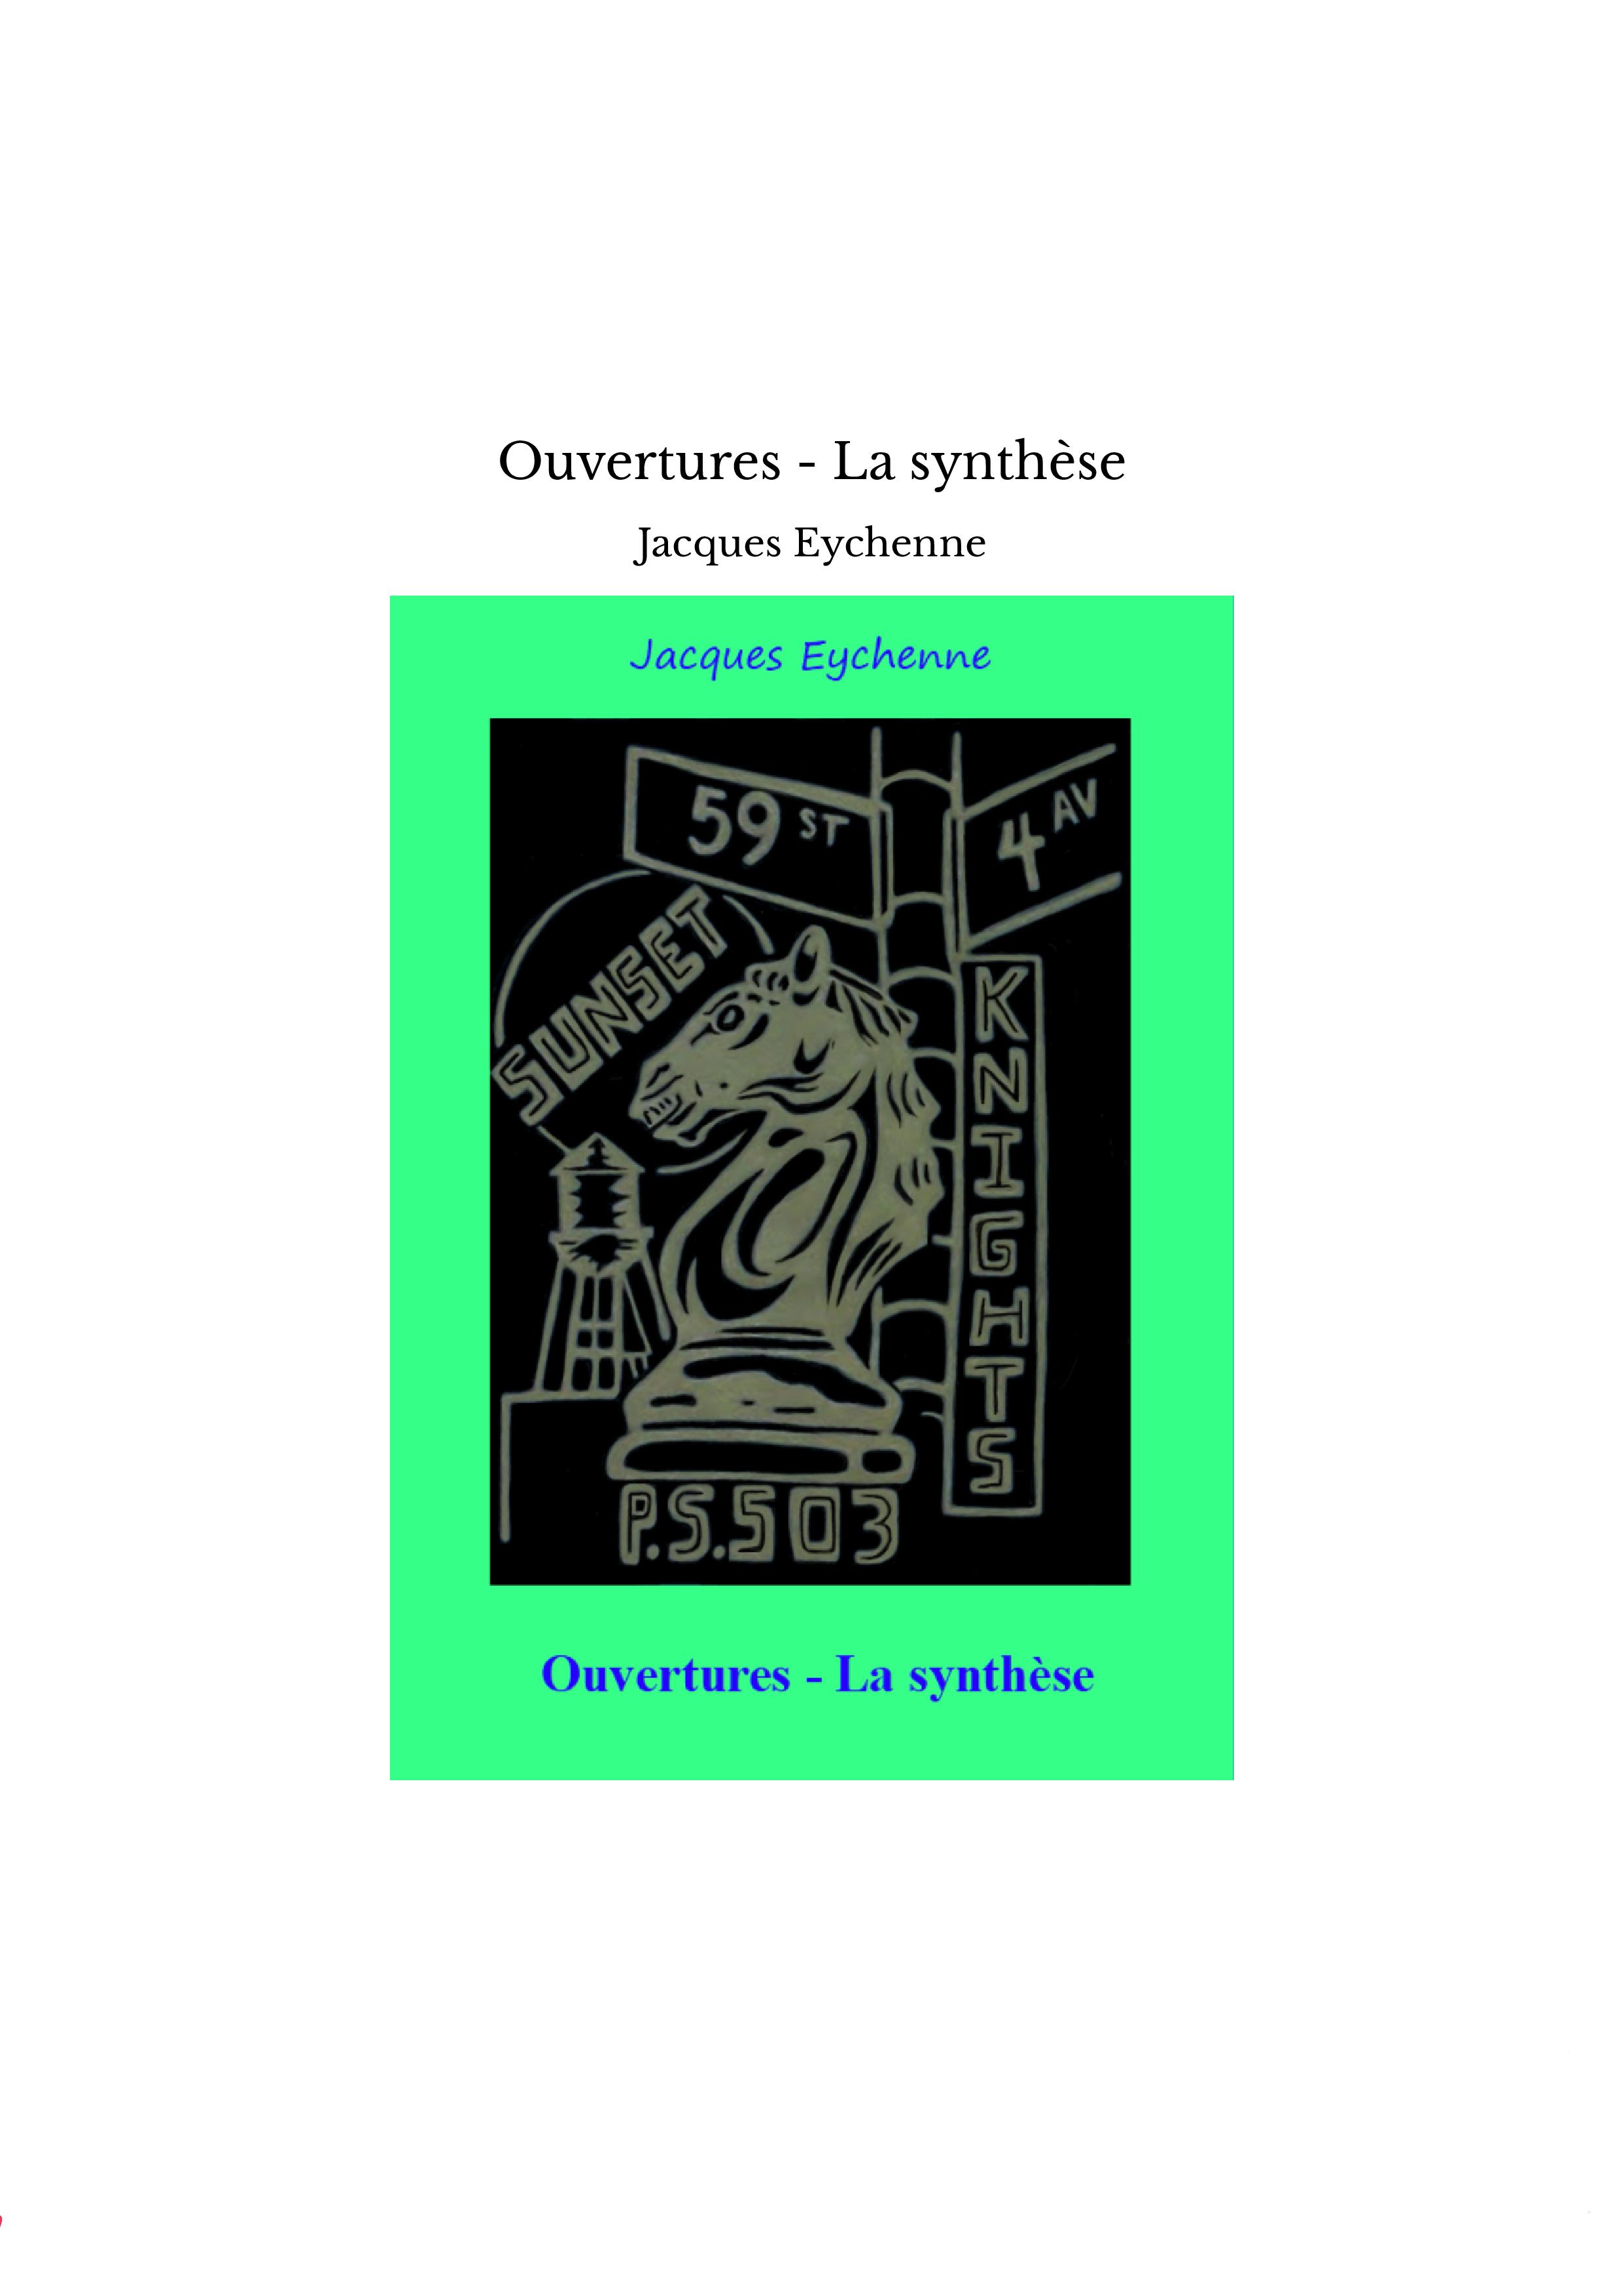 Ouvertures - La synthèse